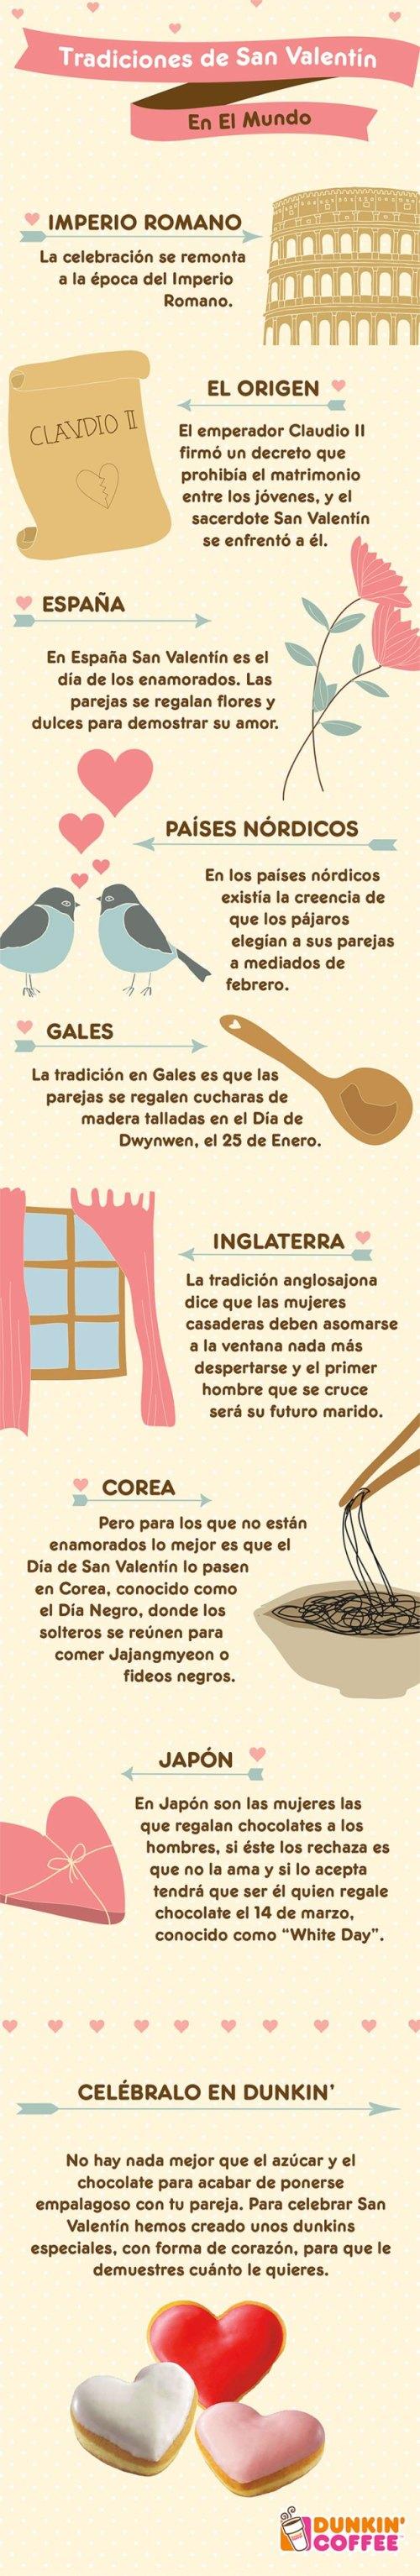 infografia_tradiciones_de_san_valentin_en_el_mundo